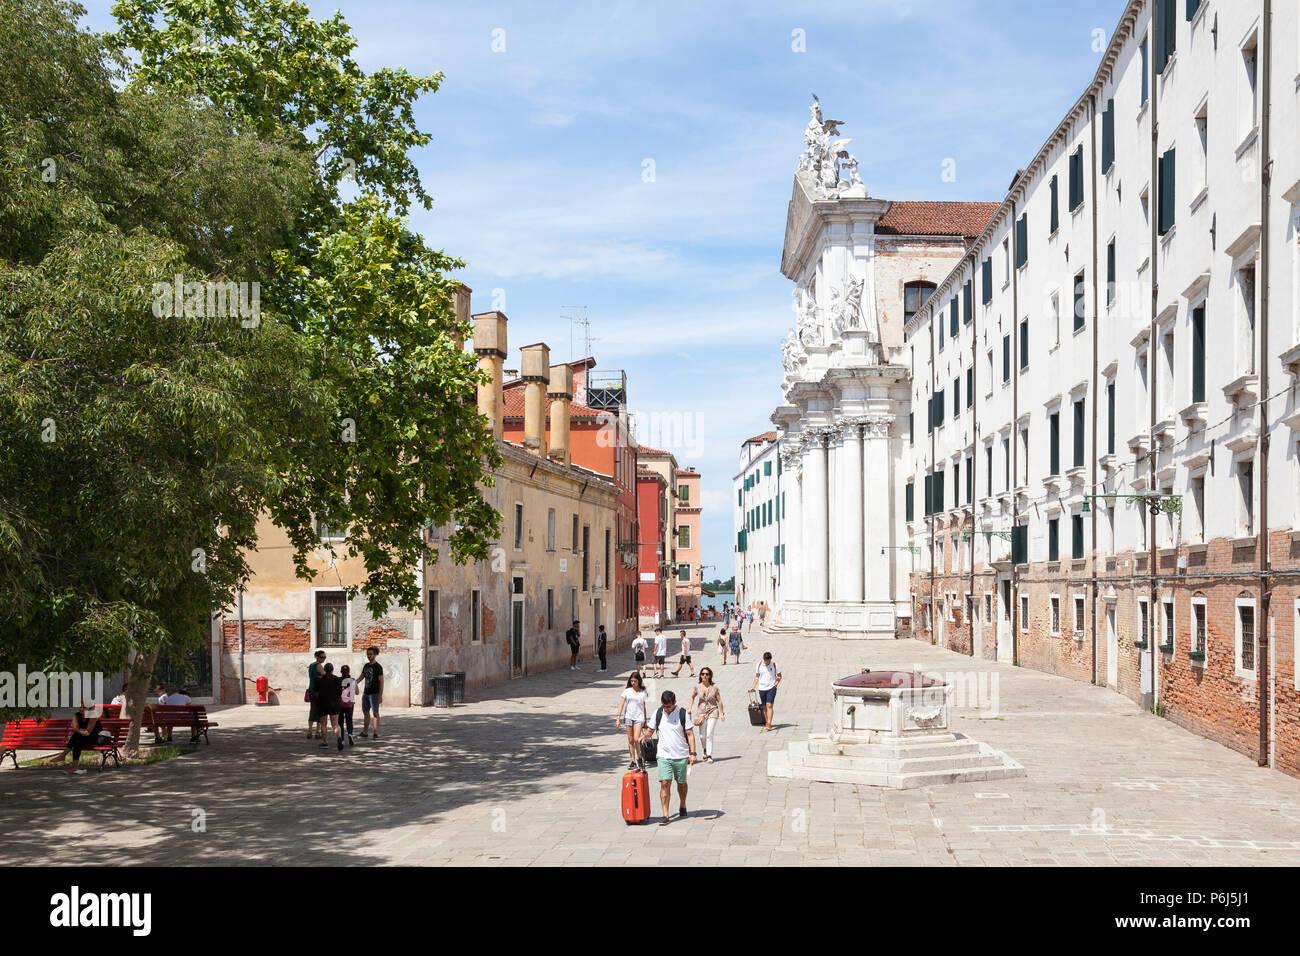 Refugee Église, Campo dei Gesuiti, Cannaregio, Venise, Vénétie, Italie avec les touristes à marcher avec assurance après l'ancienne pozzo (tête de puits) Photo Stock